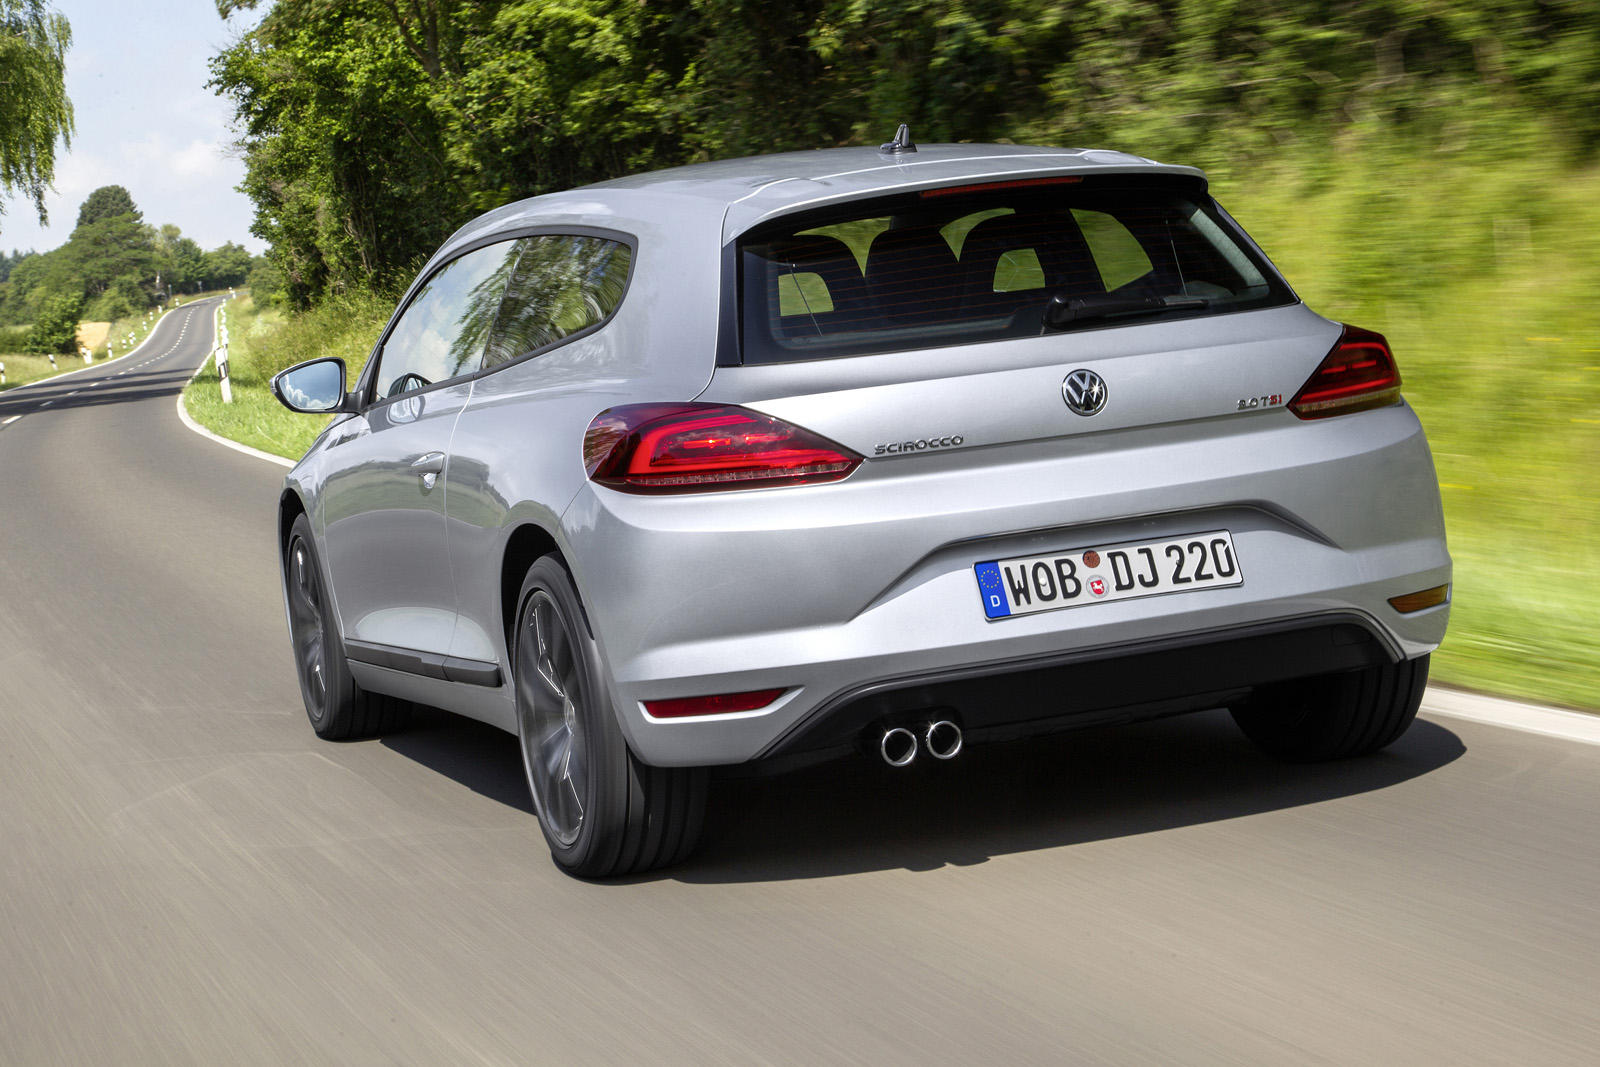 Volkswagen Scirocco Facelift - Galerie Foto - Volkswagen Scirocco Facelift - Galerie Foto